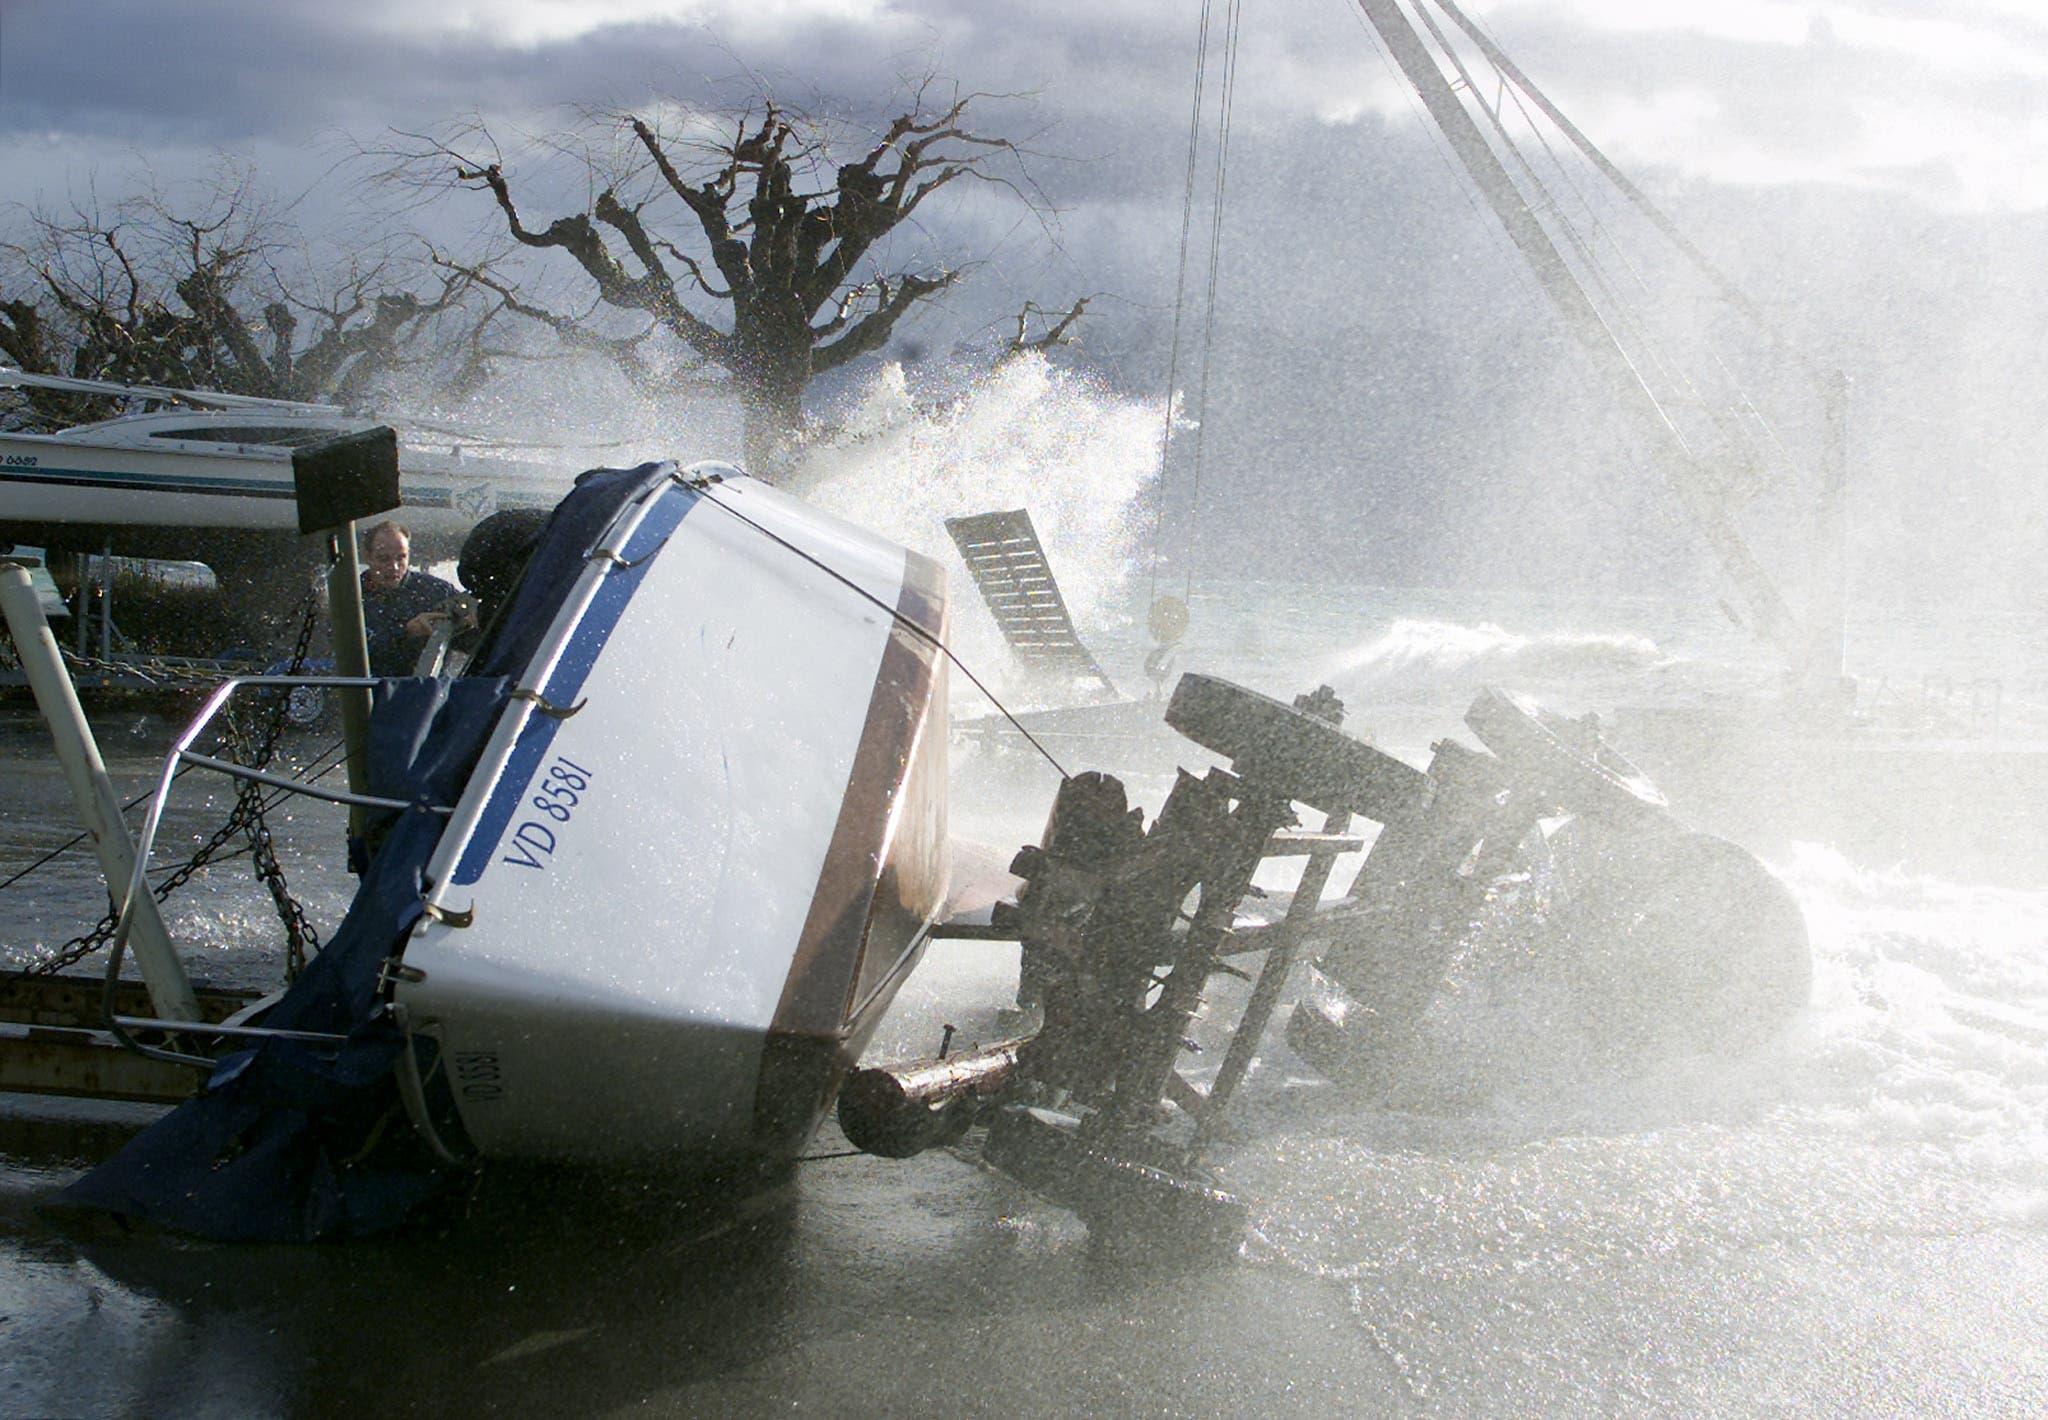 Am Genfersee fegte er Sturm sogar Schiffe um.